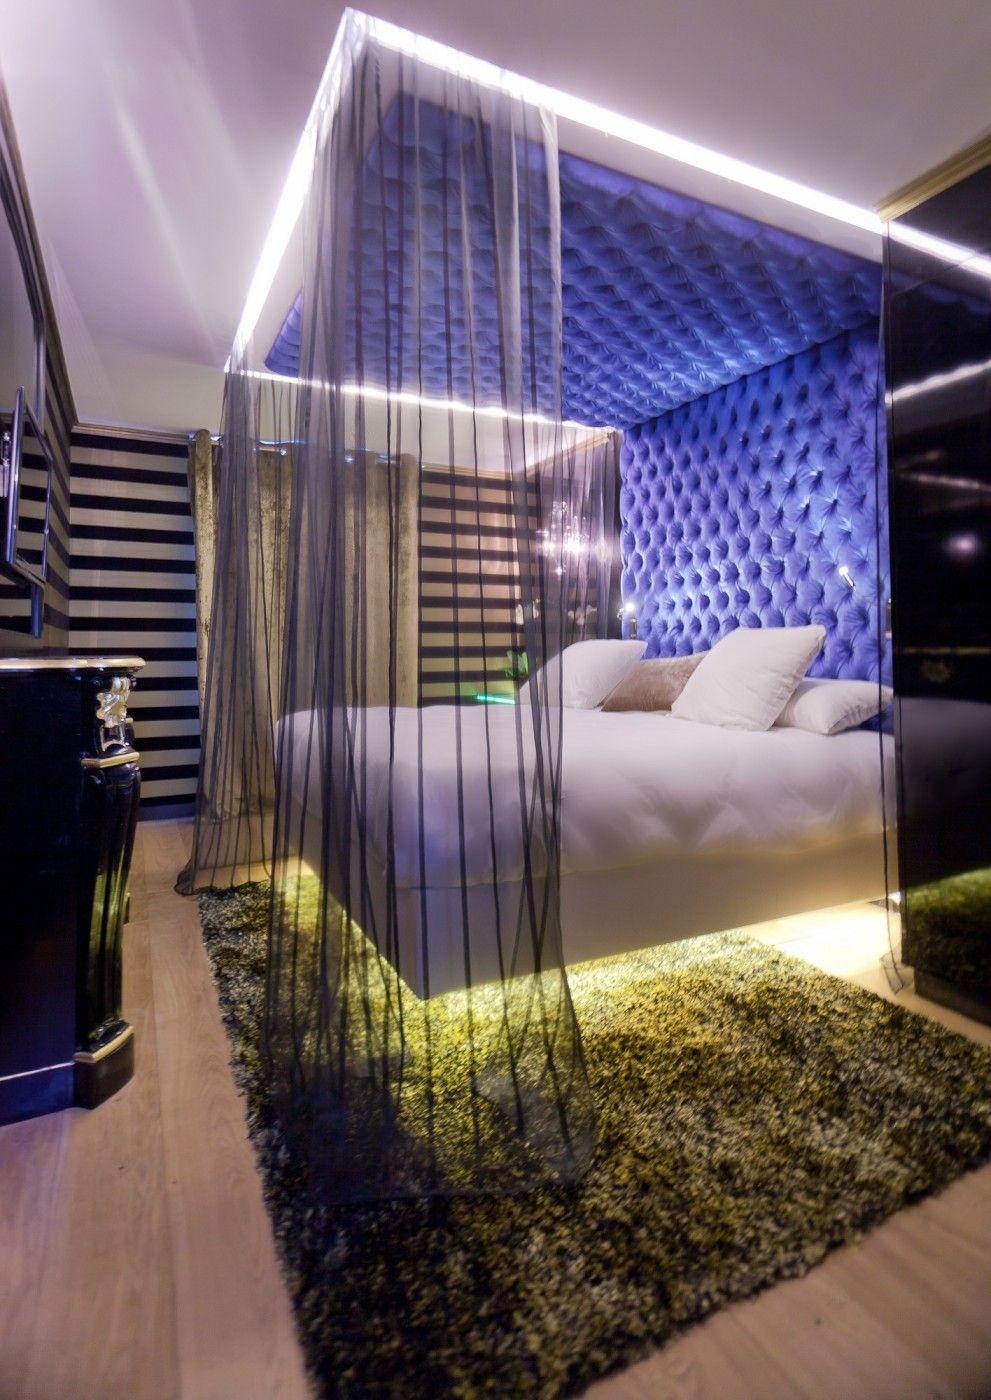 Hotel Angely Paris Le Boutique Hôtel Parfait Pour Votre Séjour Via Ladyluxury